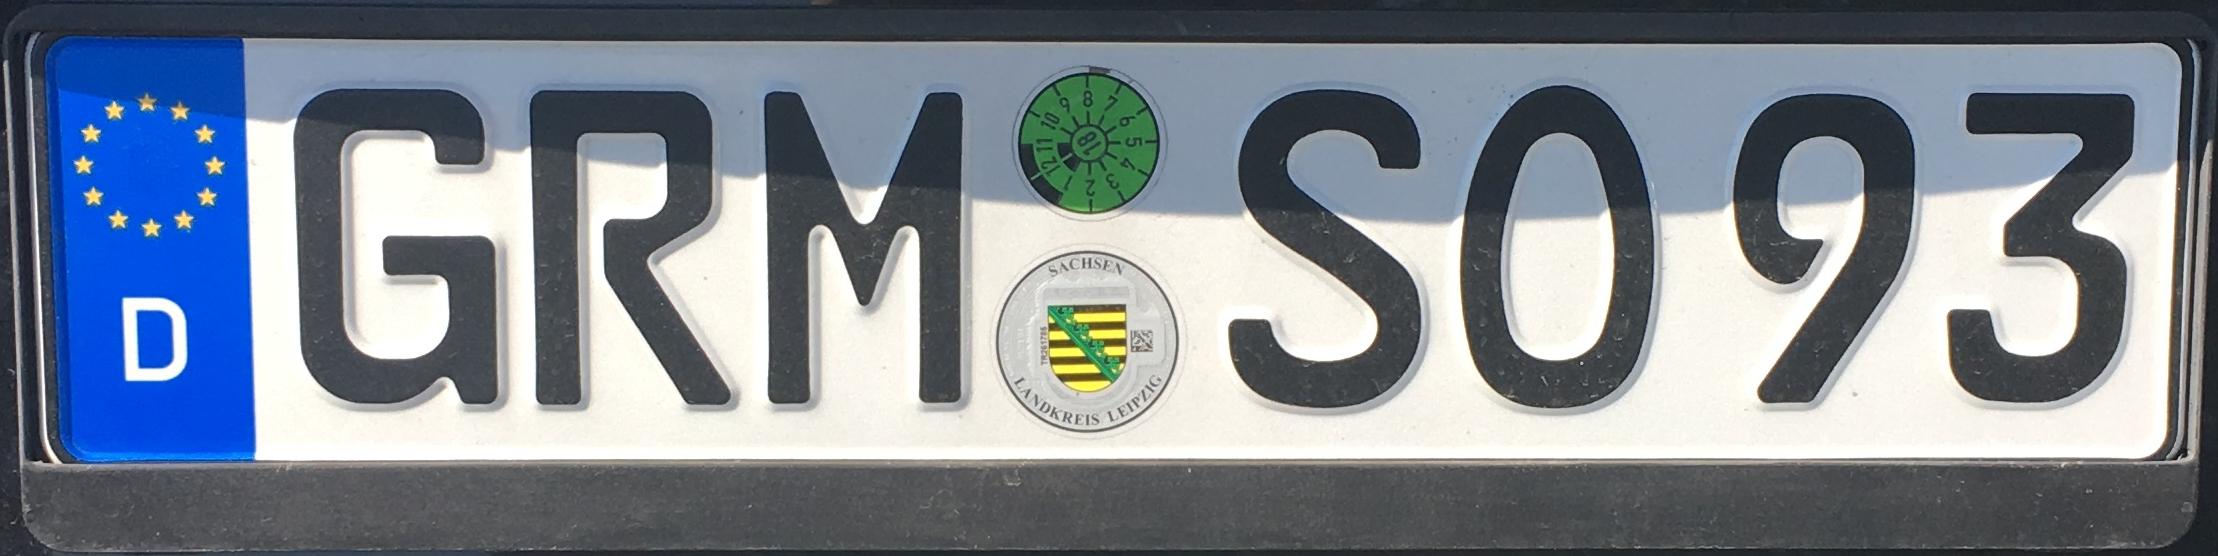 Registrační značka Německo - GRM - Grimma, foto: www.podalnici.cz